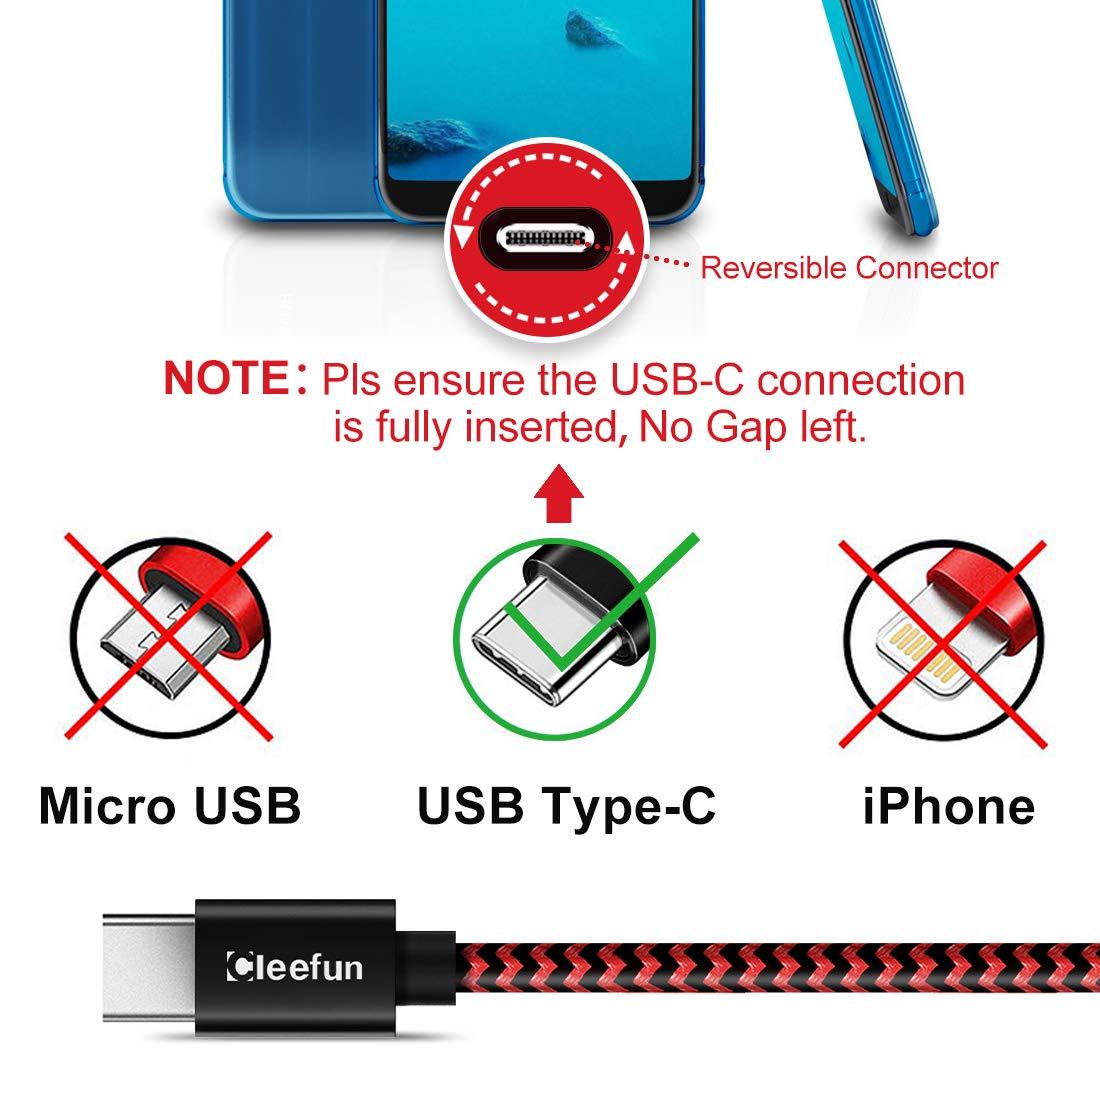 Ultra Resistente Nylon Cable para Samsung Galaxy S10 S9 S8 A40 A50 A70 M20 M30s CLEEFUN Cable USB Tipo C de Carga R/ápida Cable USB C Corto Xiaomi Mi 8 9 9T Moto G6 G7 Redmi Note 7 8 0,3m 2 Pack